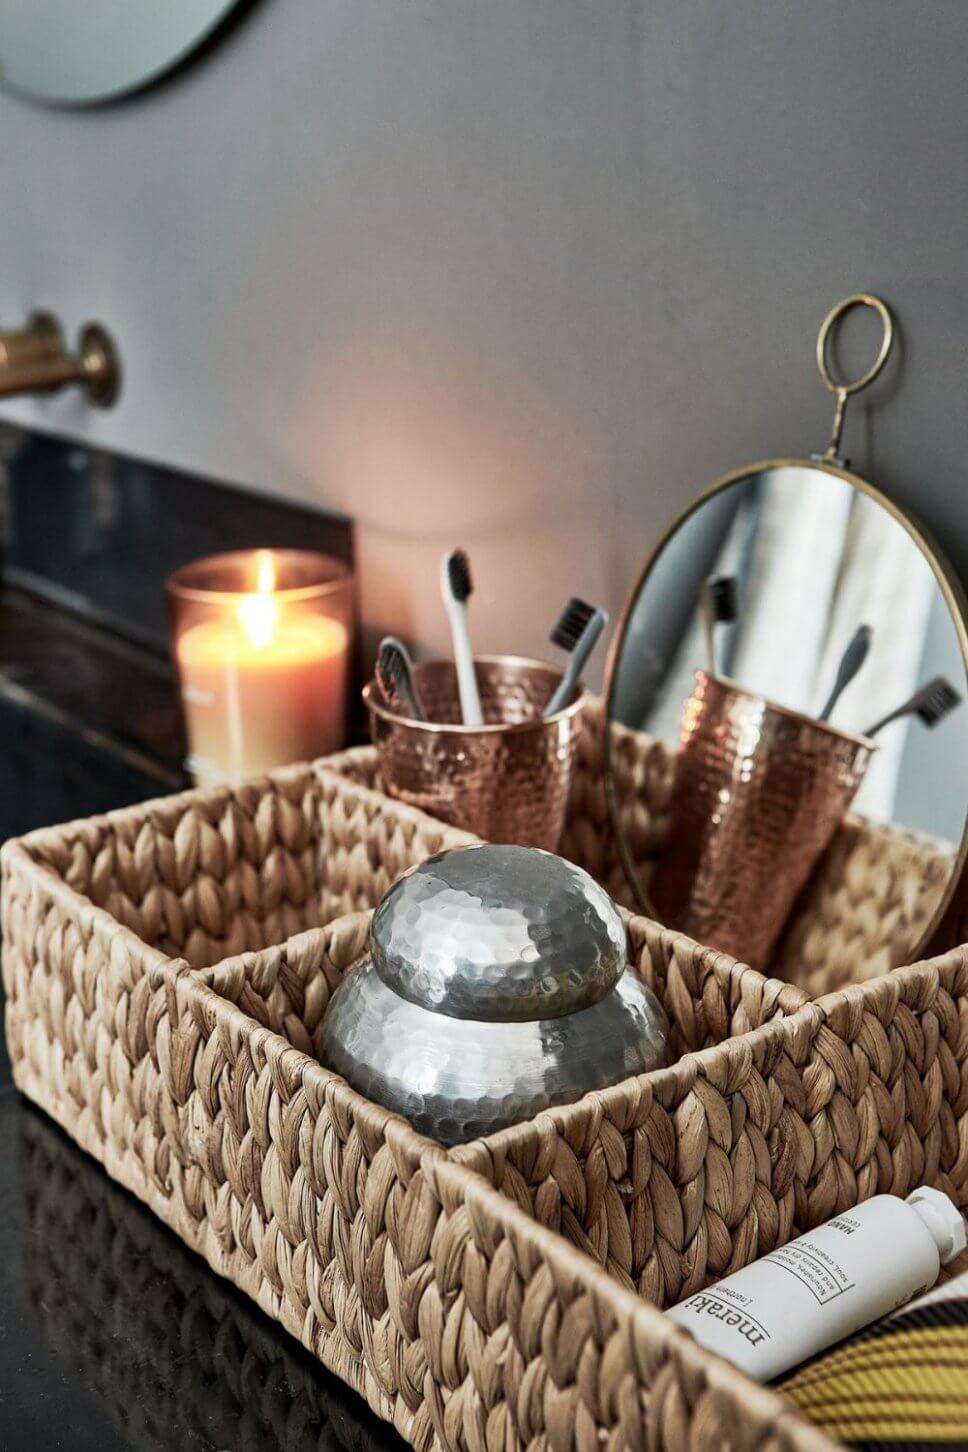 Korb mit Kupferbechern und Zahnbürsten im Badezimmer